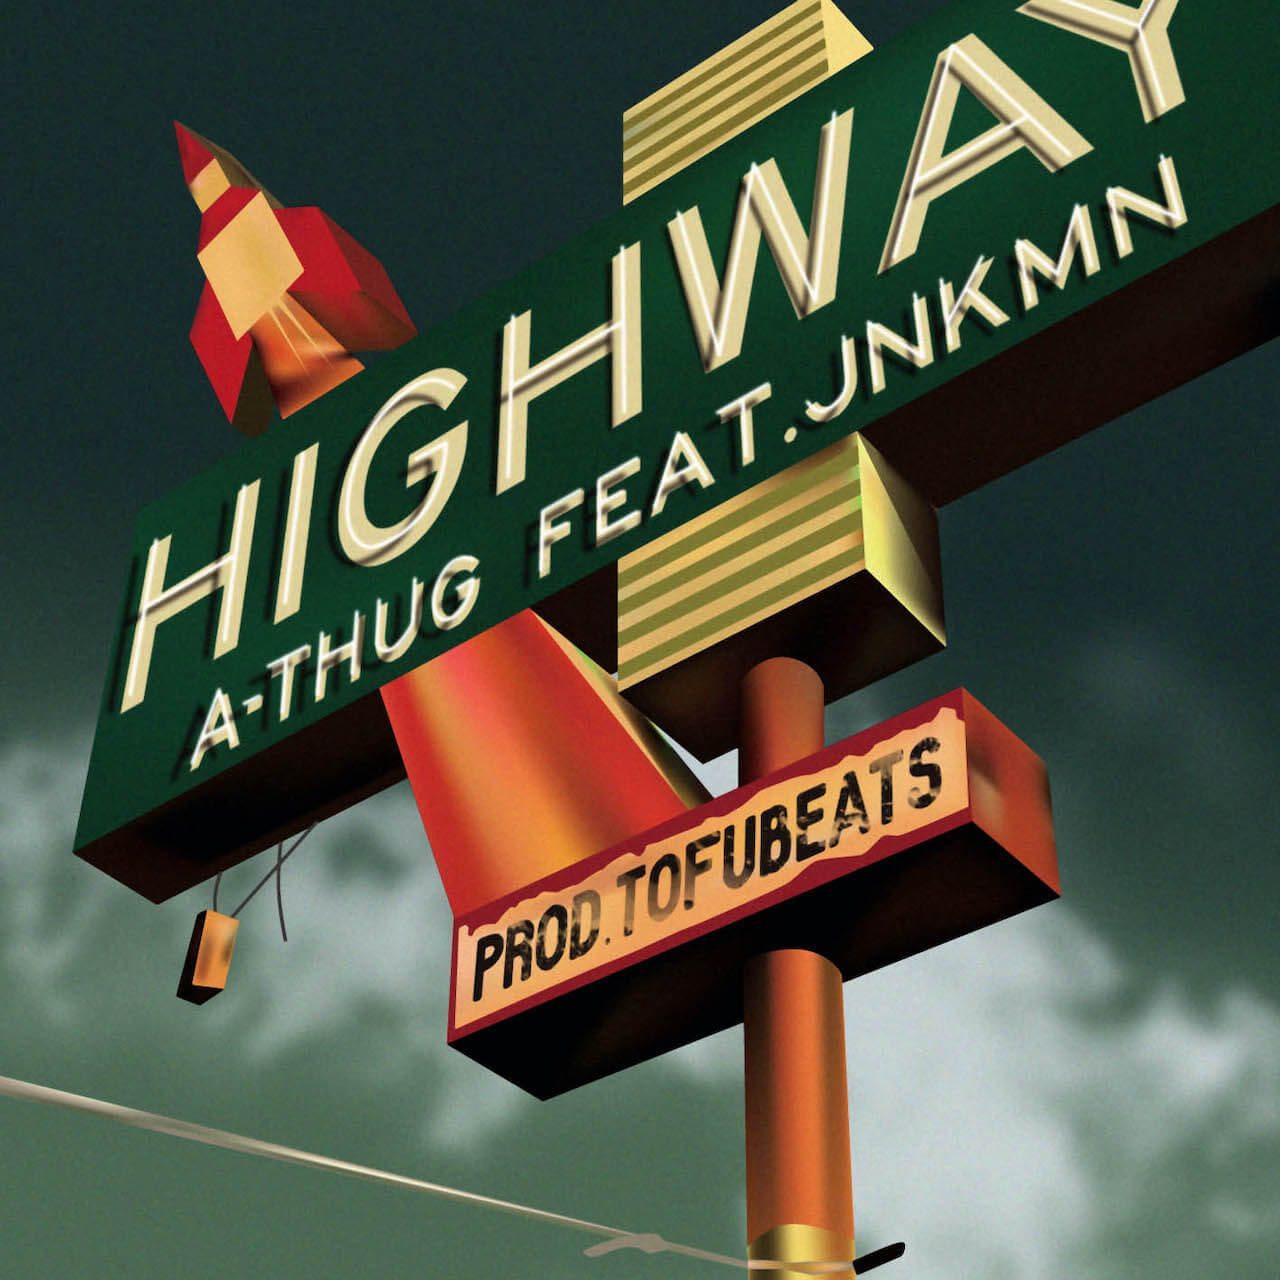 だけど俺らは走っていく──A-THUG、JNKMN、tofubeatsのコラボ曲「HIGHWAY」がリリース music210402-athug-jnkmn-tofubeats